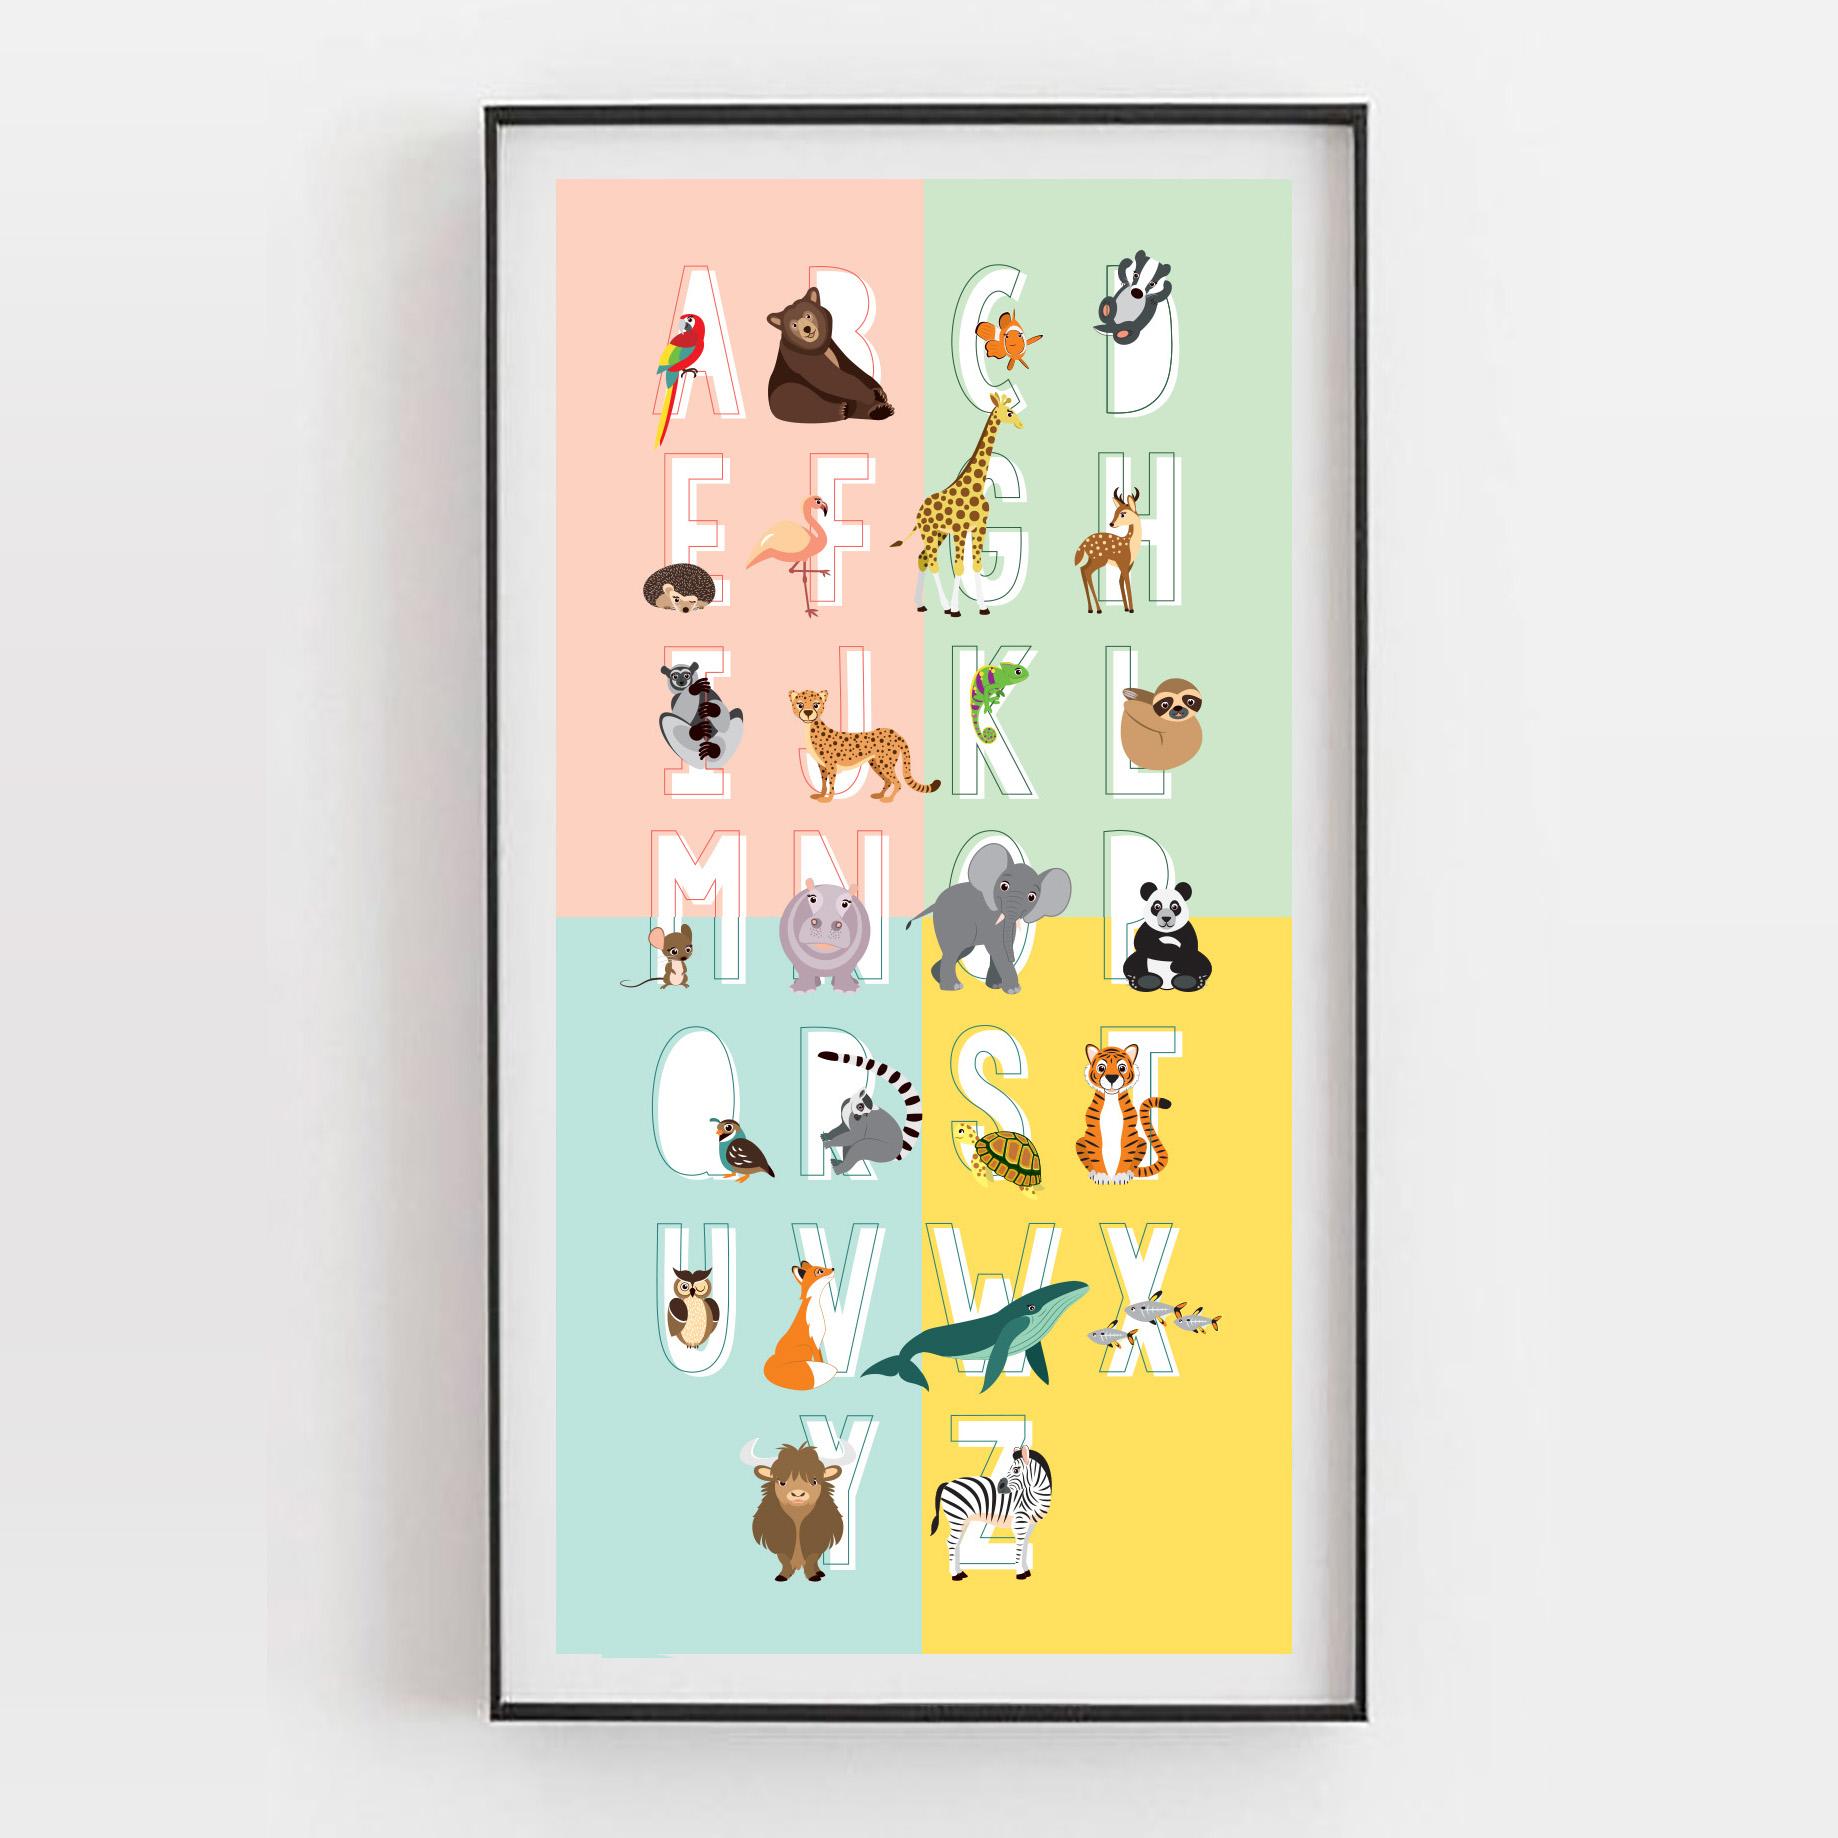 Alfabet abc poster in blauw, okergeel, mintgroen en roze. Mooi en eductief voor op je kinderkamer of babykamer